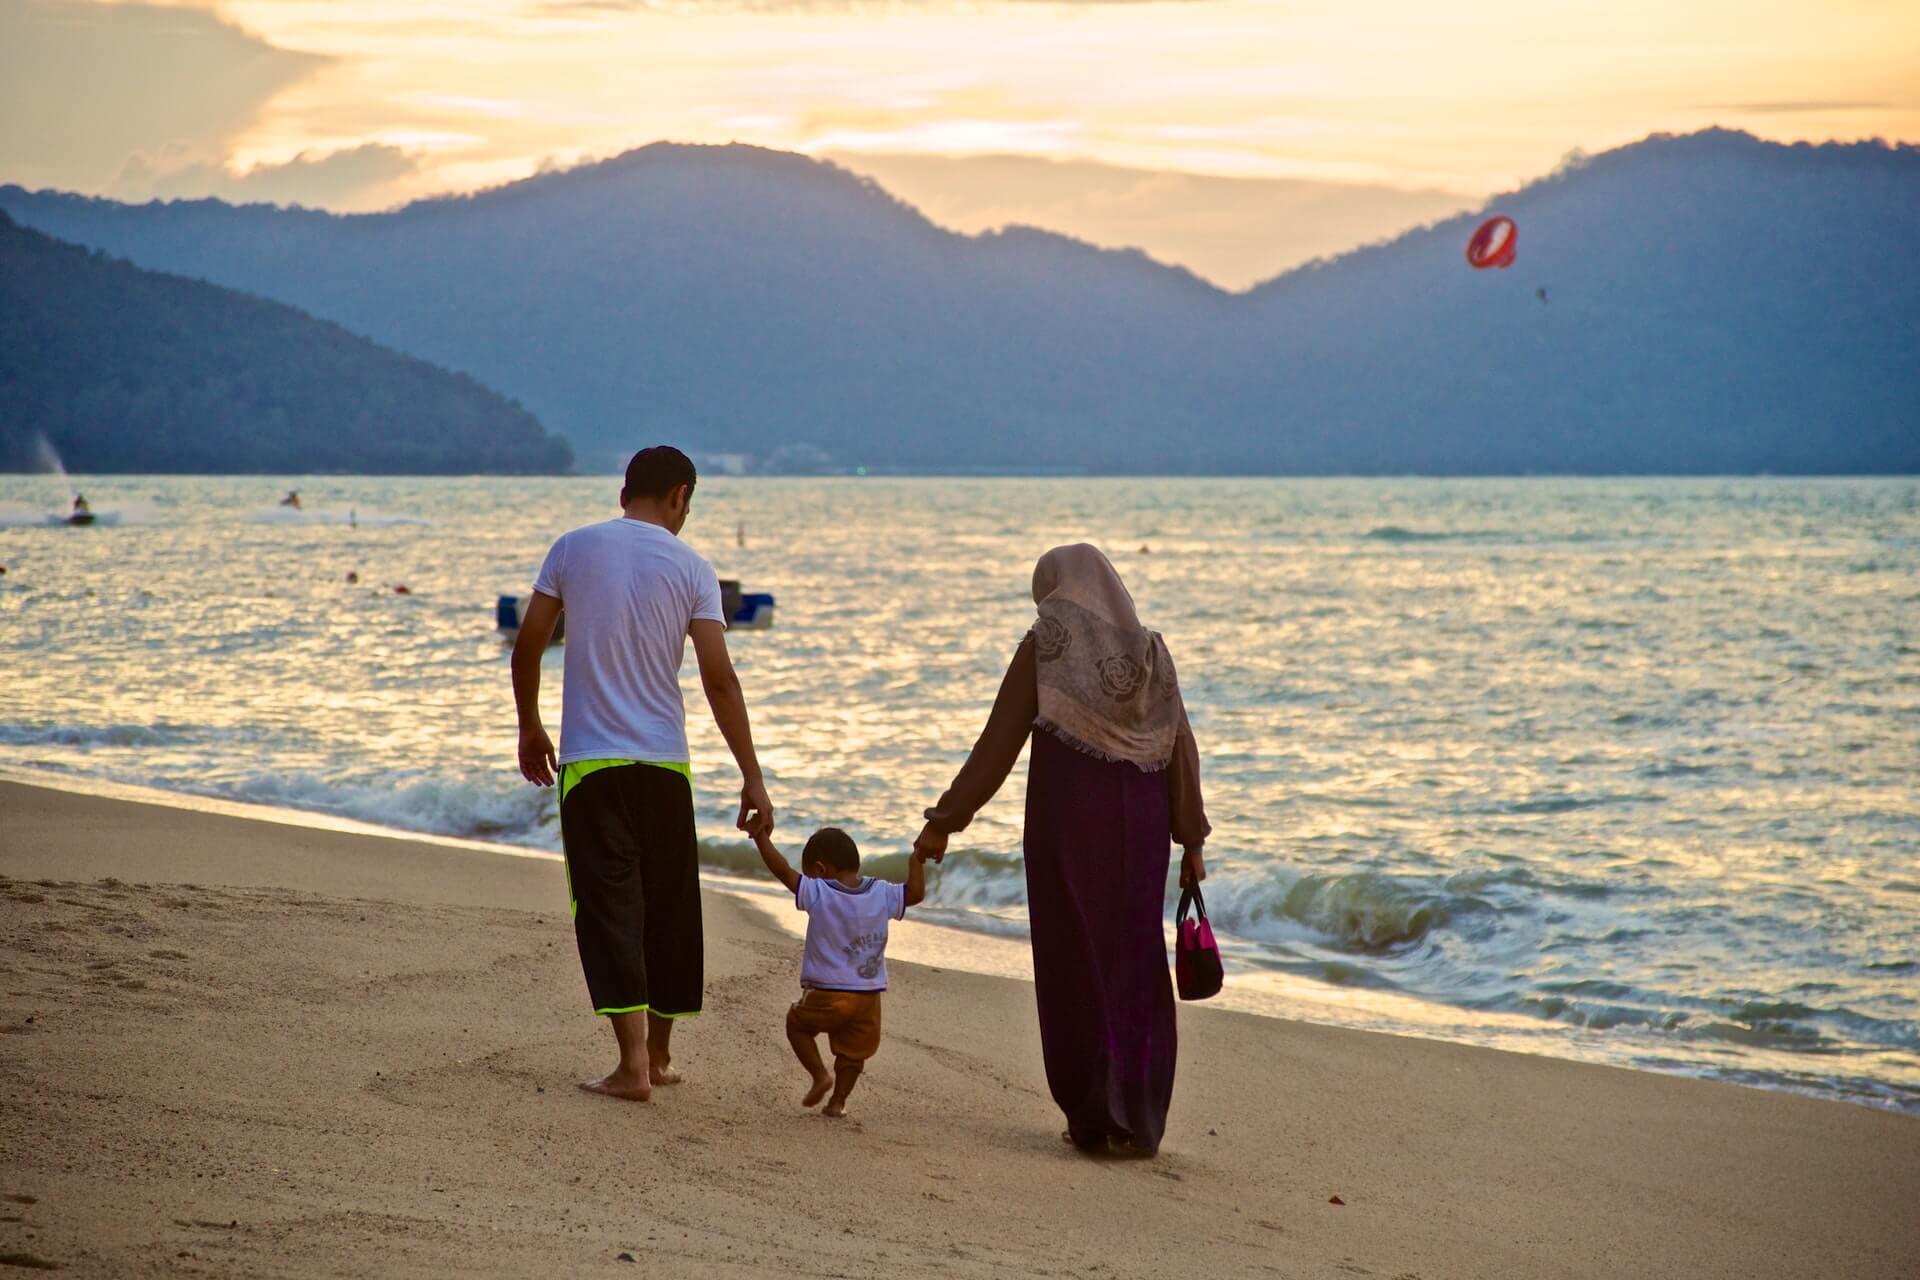 Intimate partner relationship changes after motherhood.